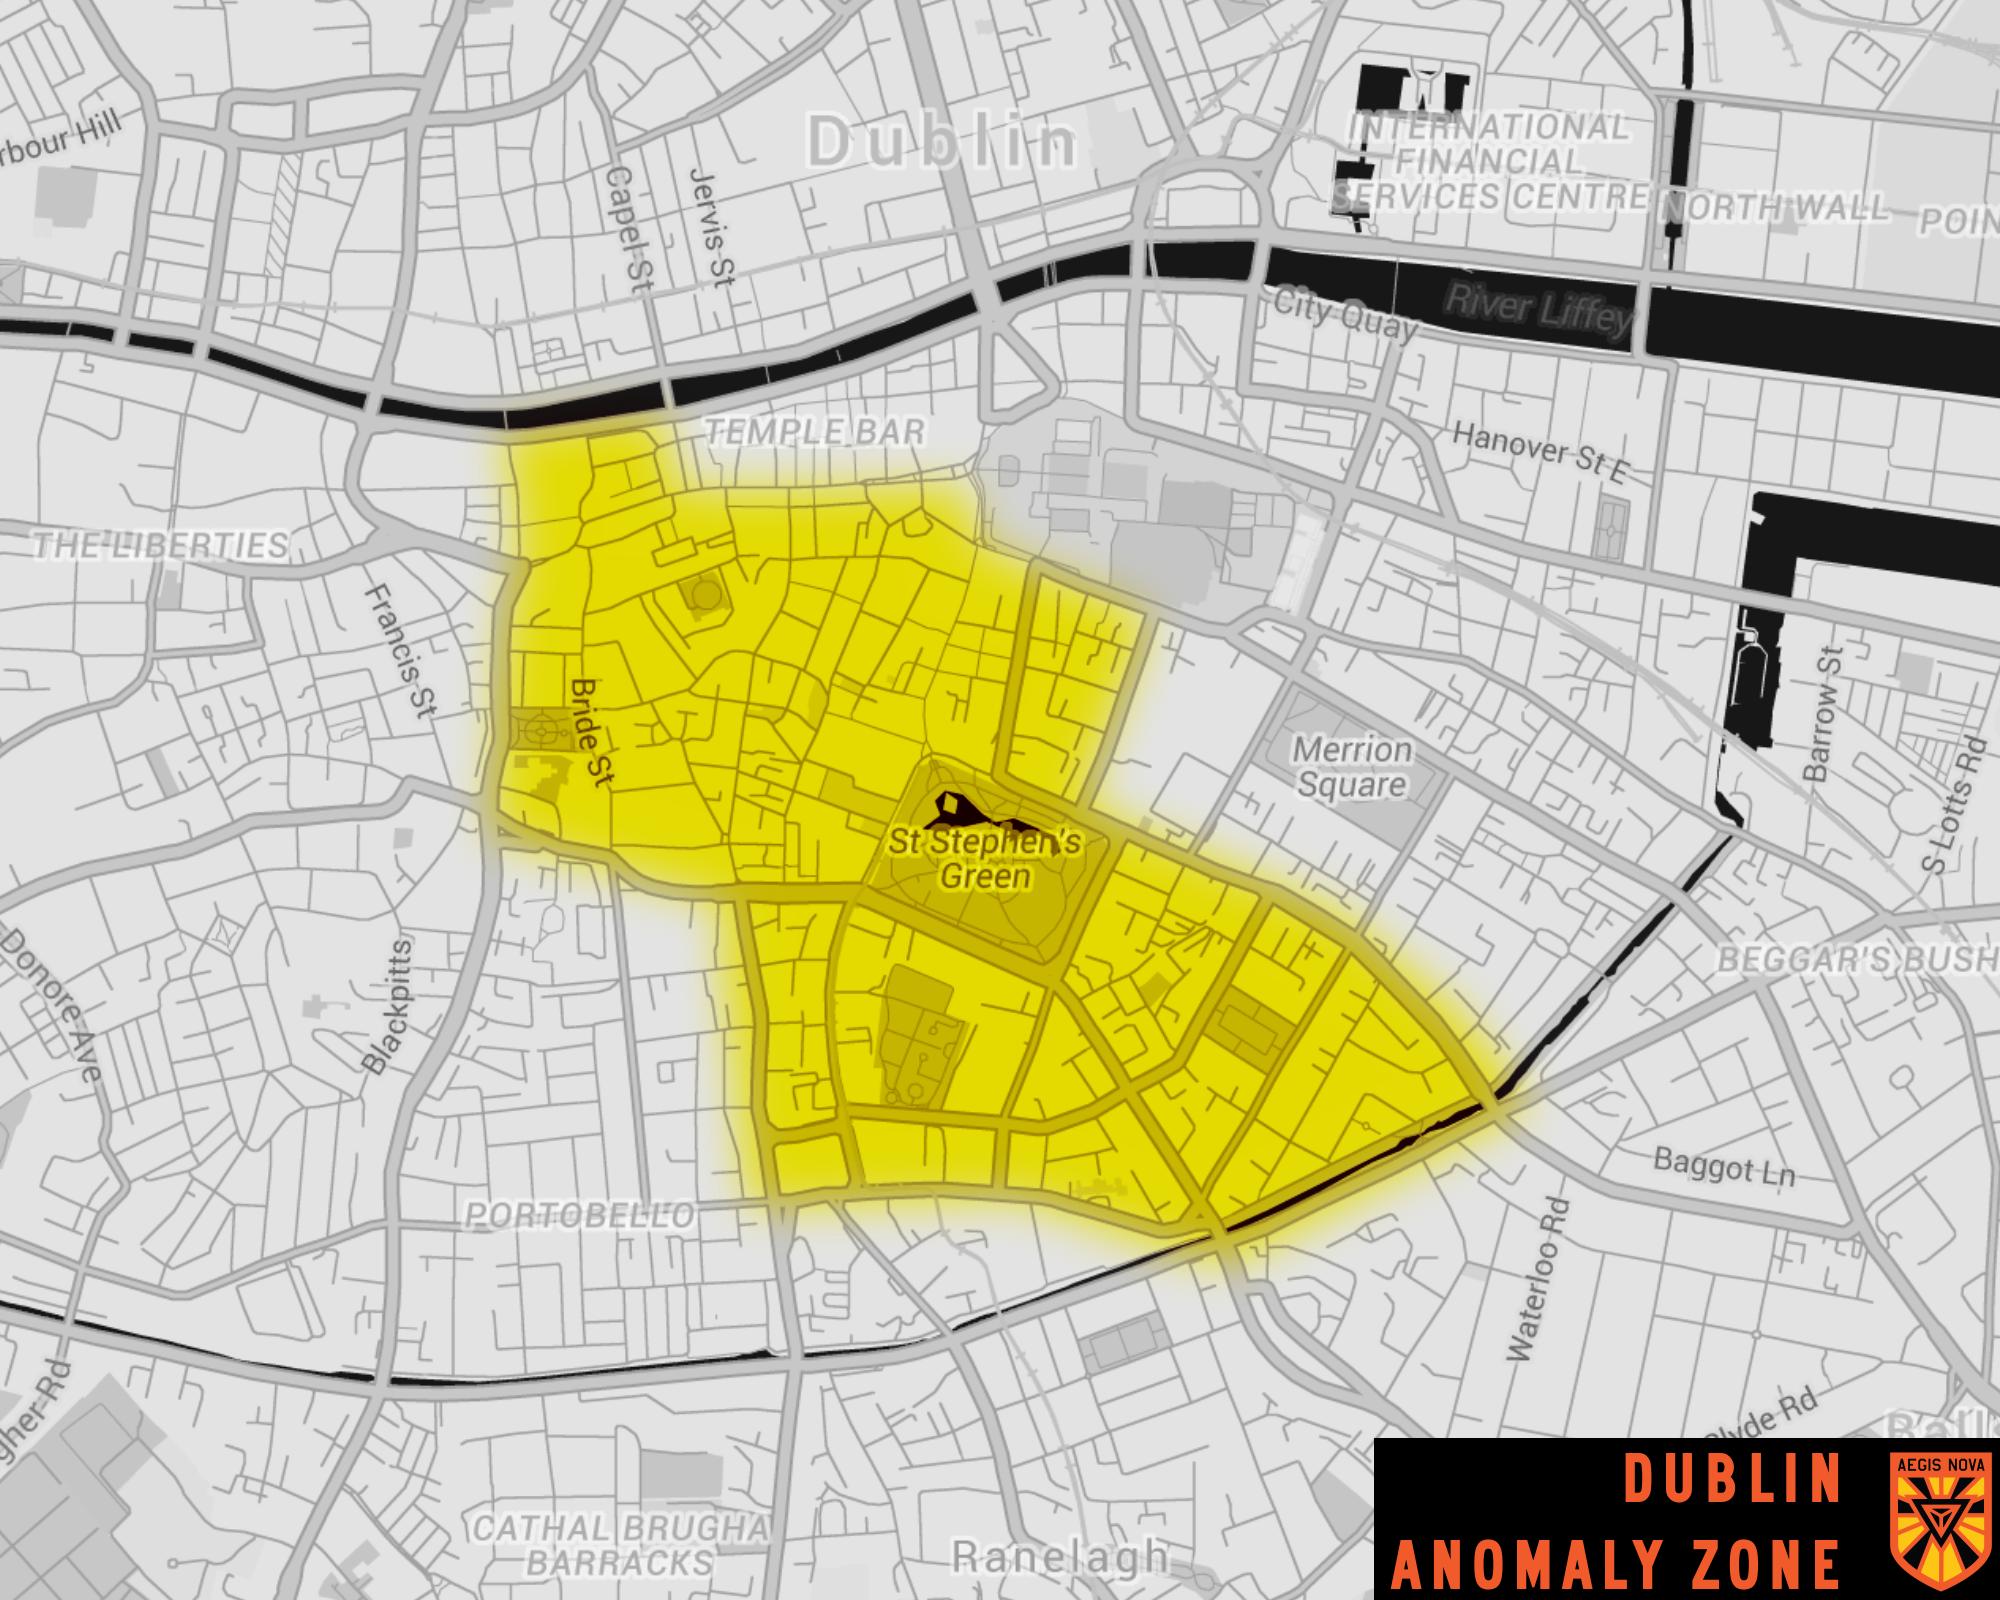 DublinAnomalyZone.png